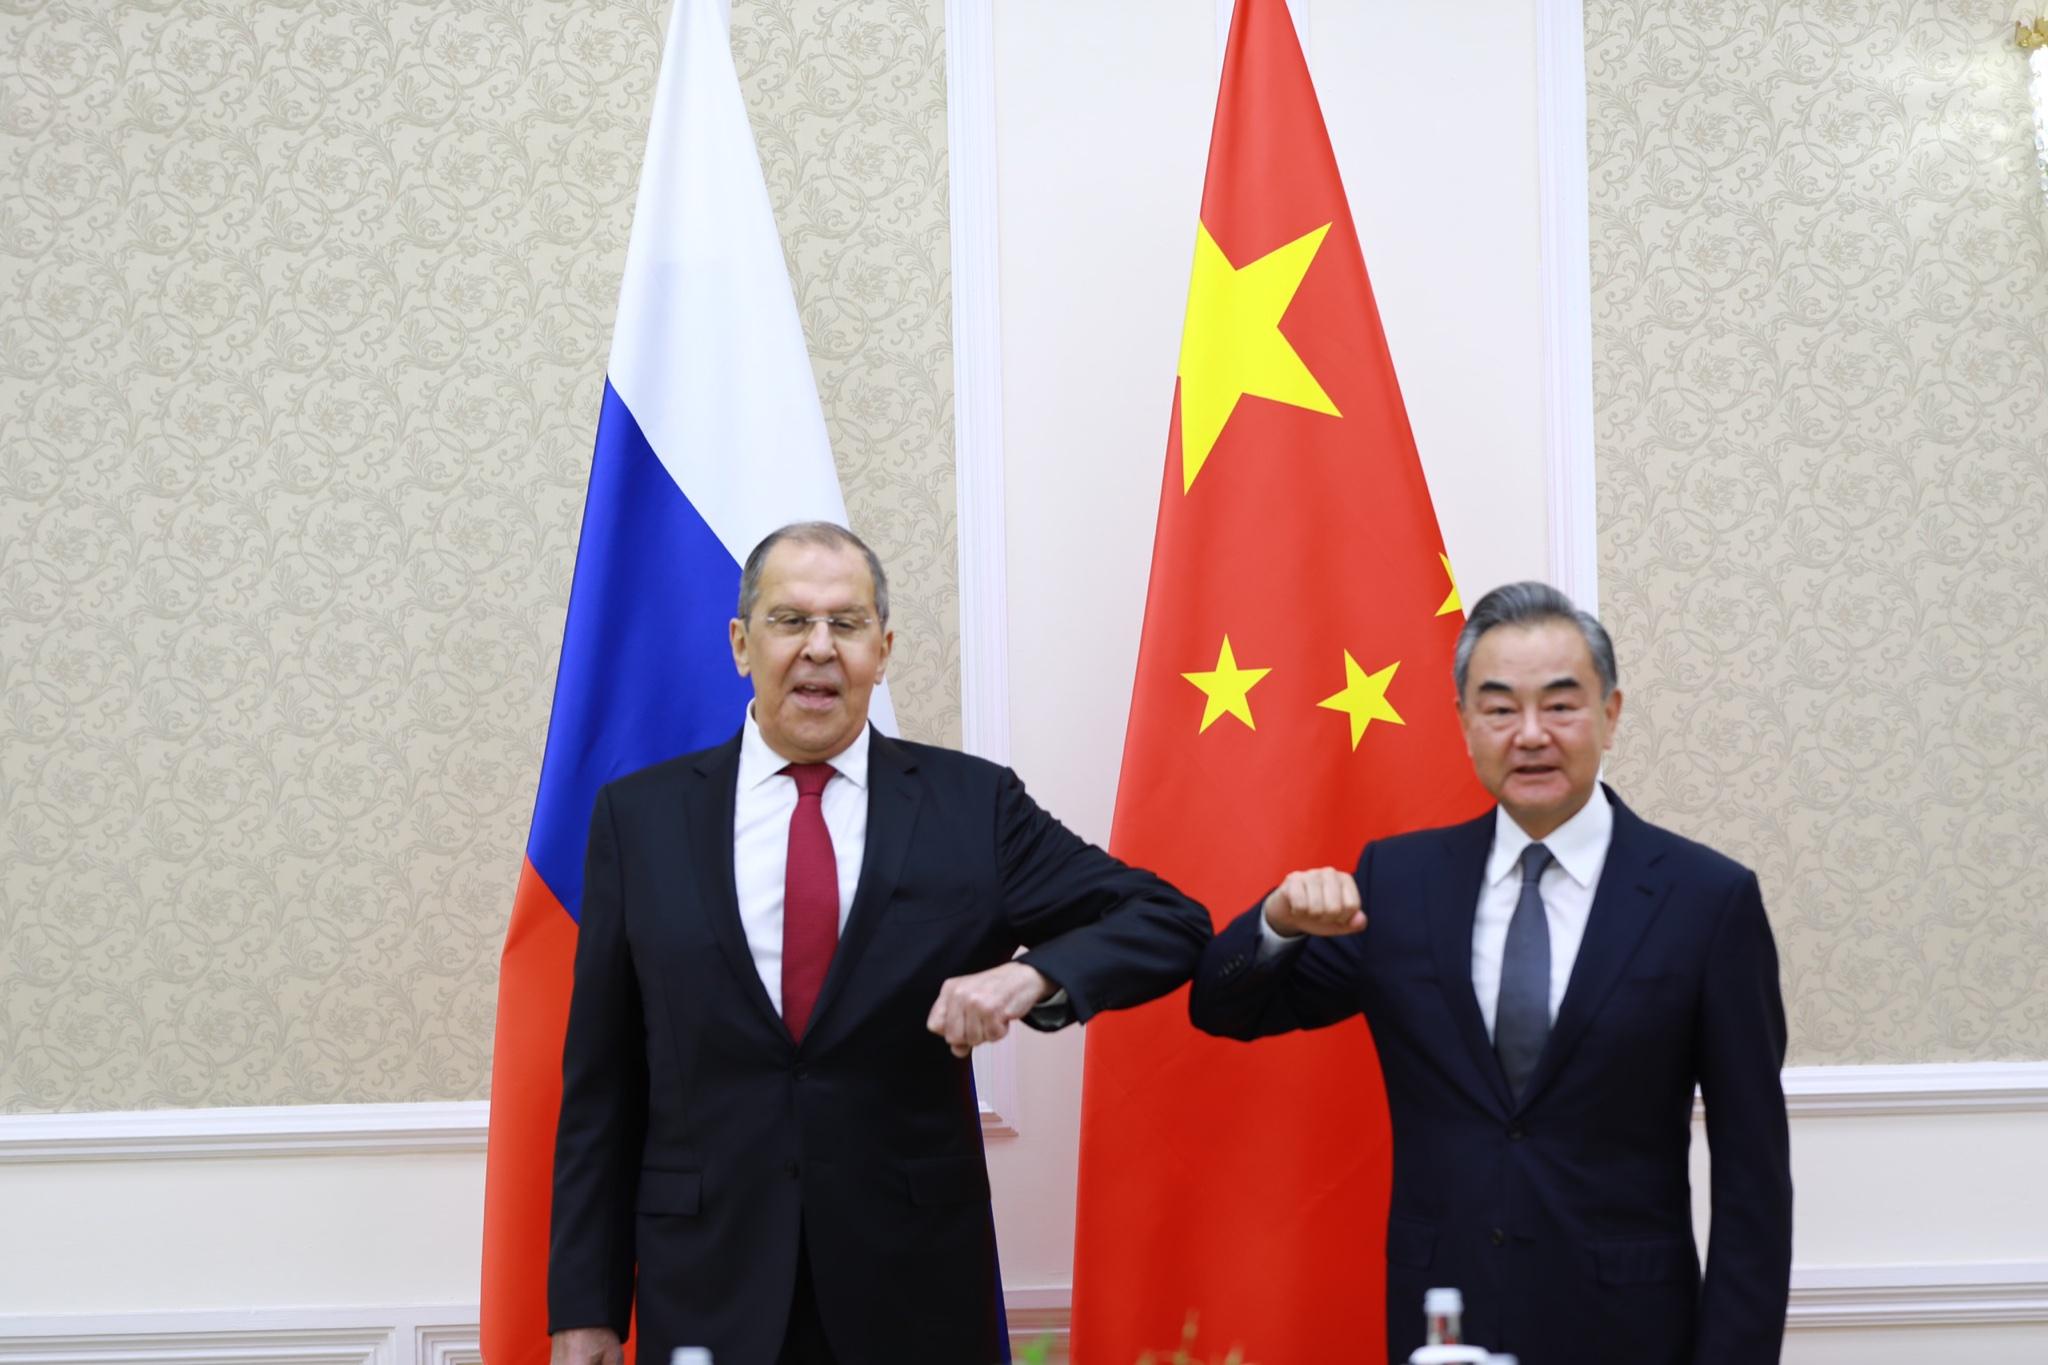 این گونه است که روسیه و چین برای گاز و دفاع معاشقه می کنند